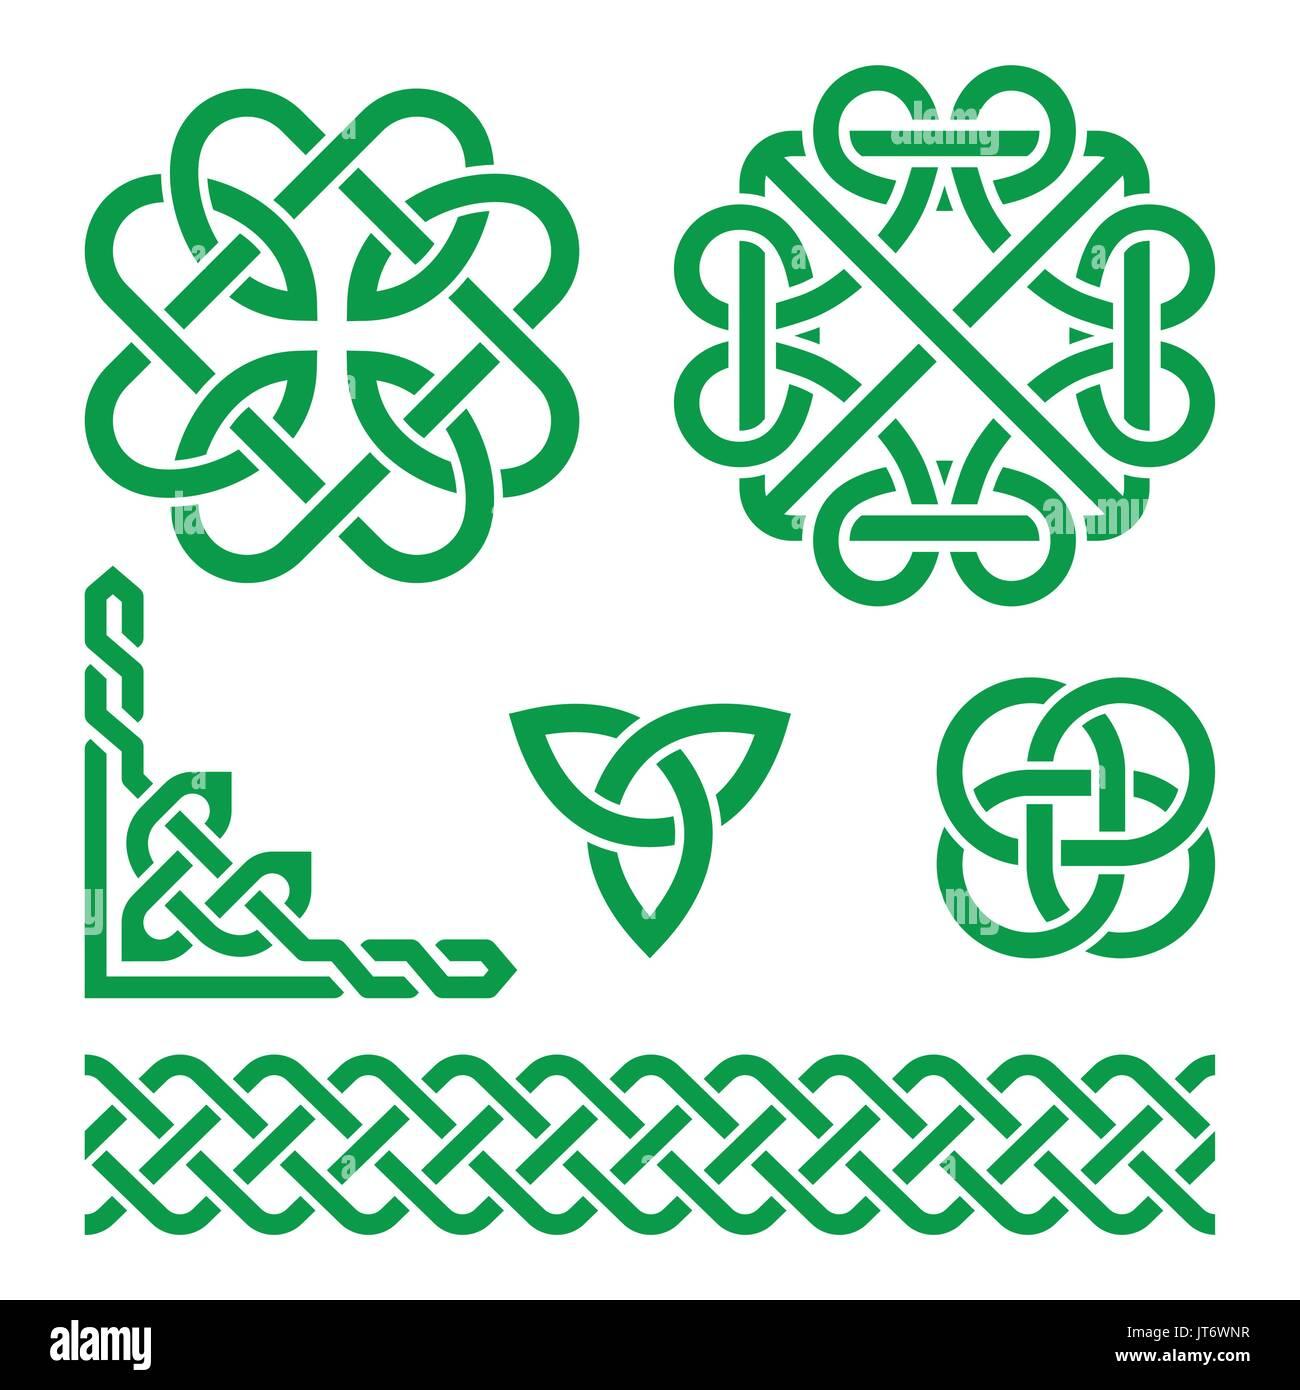 Celtic green irish knots braids and patterns stock vector art celtic green irish knots braids and patterns buycottarizona Image collections